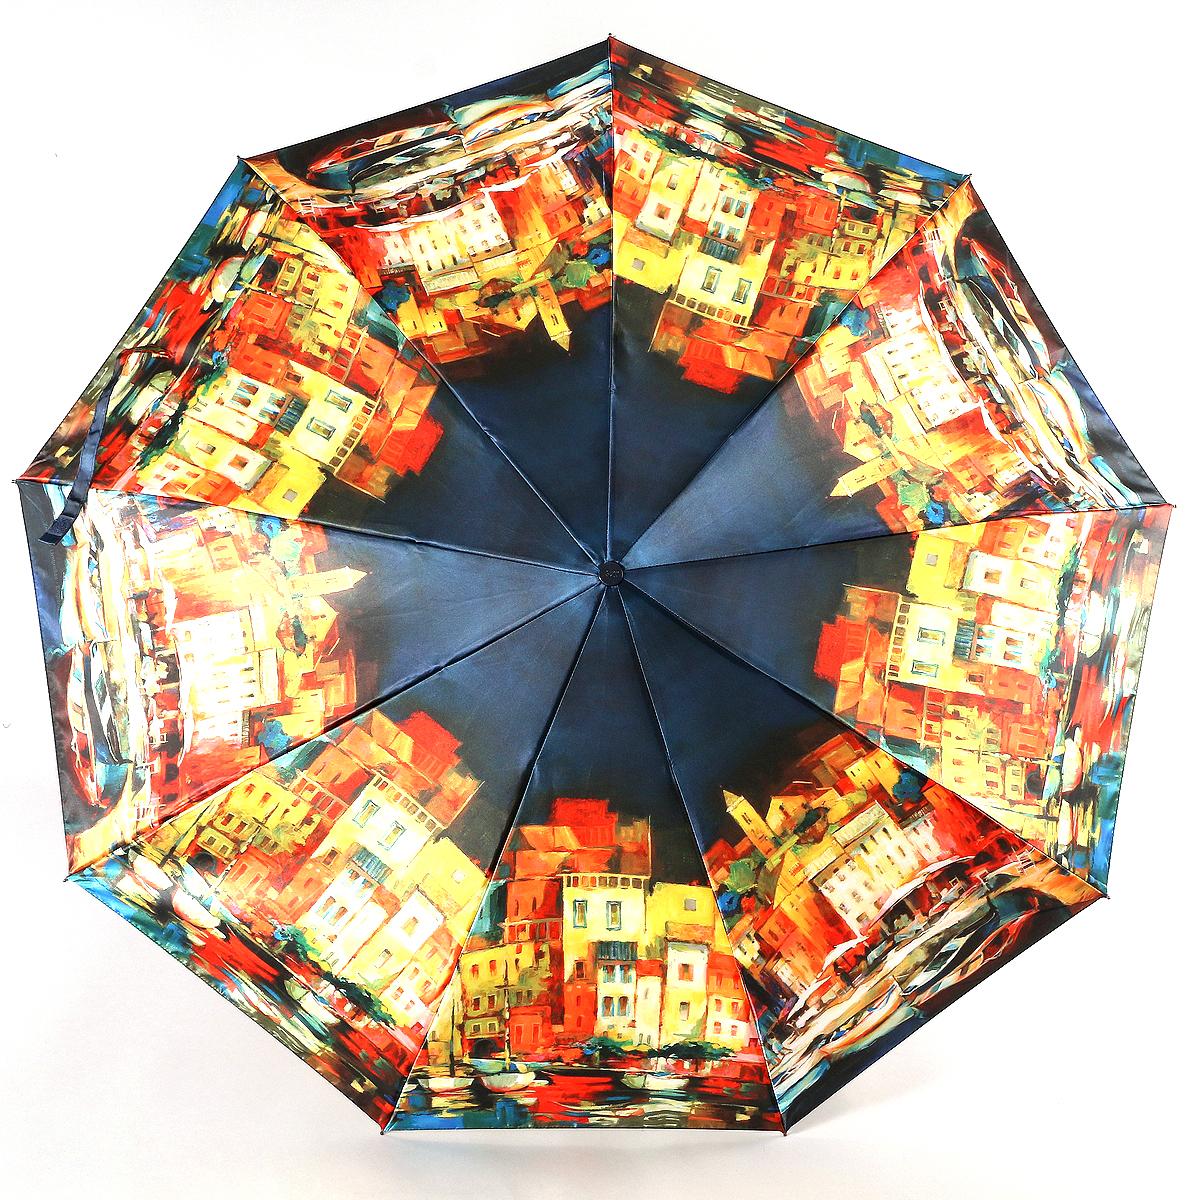 Зонт женский Zest, цвет: черный, красный, оранжевый. 23944-300723944-3007Сатиновый женский зонт в 3 сложения. Модель зонта выполнена в механизме - полный автомат, оснащена системой Антиветер, которая позволяет спицам при порывах ветра выгибаться наизнанку, и при этом не ломаться. Удобная ручка выполнена из пластика. Данный аксессуар особенно хорош для тех, кто привык к комфорту. Вес зонта 480 грамм.